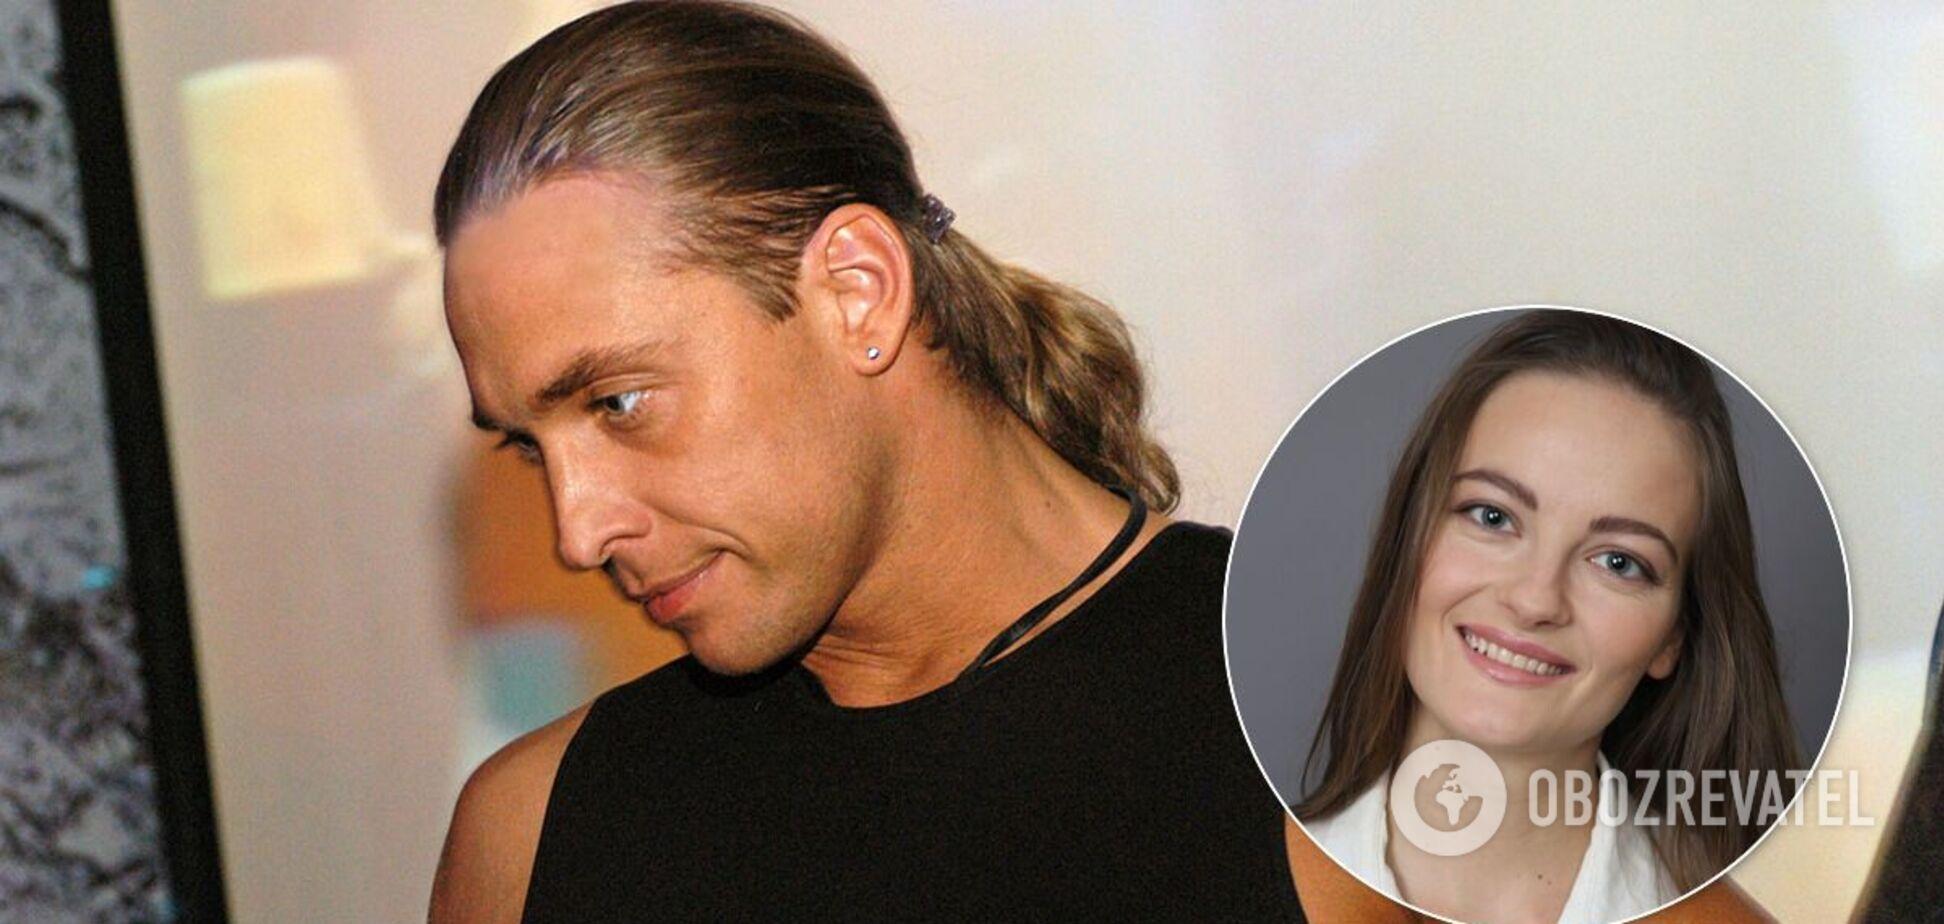 Тарзан изменял Королевой с 23-летней Шульженко